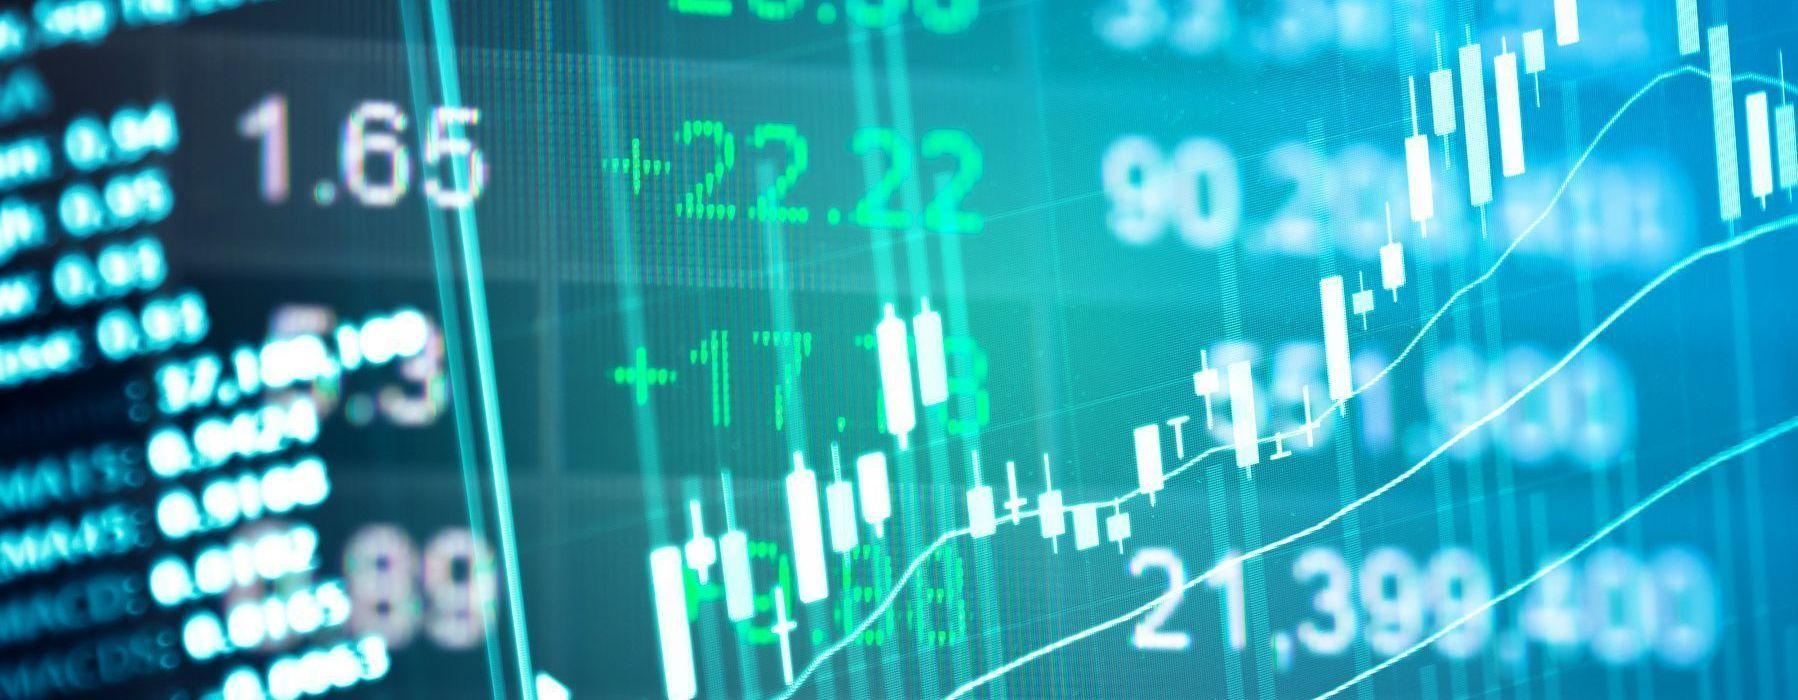 台股Q4漲多於跌  今年有3難關要克服